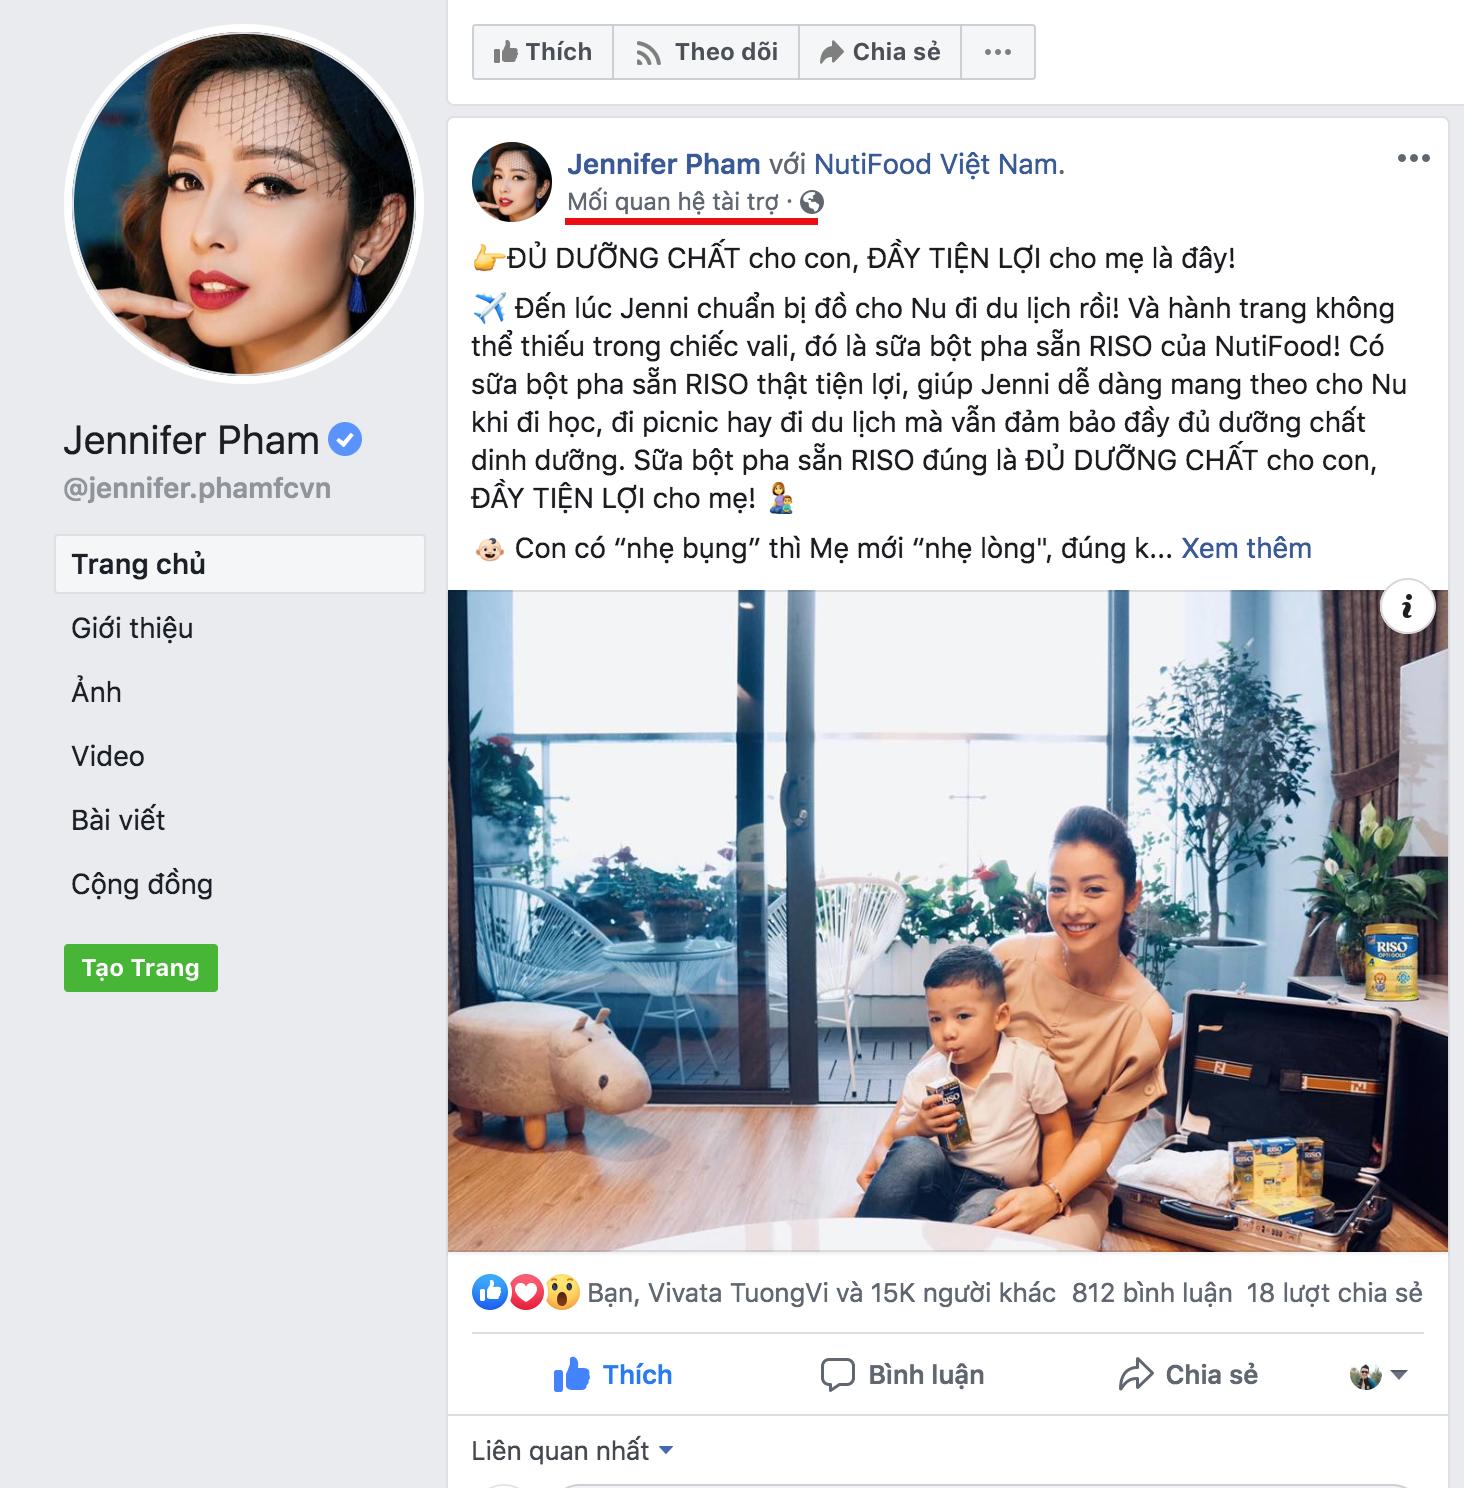 Branded Content Facebook là gì? và sử dụng như thế nào? 2